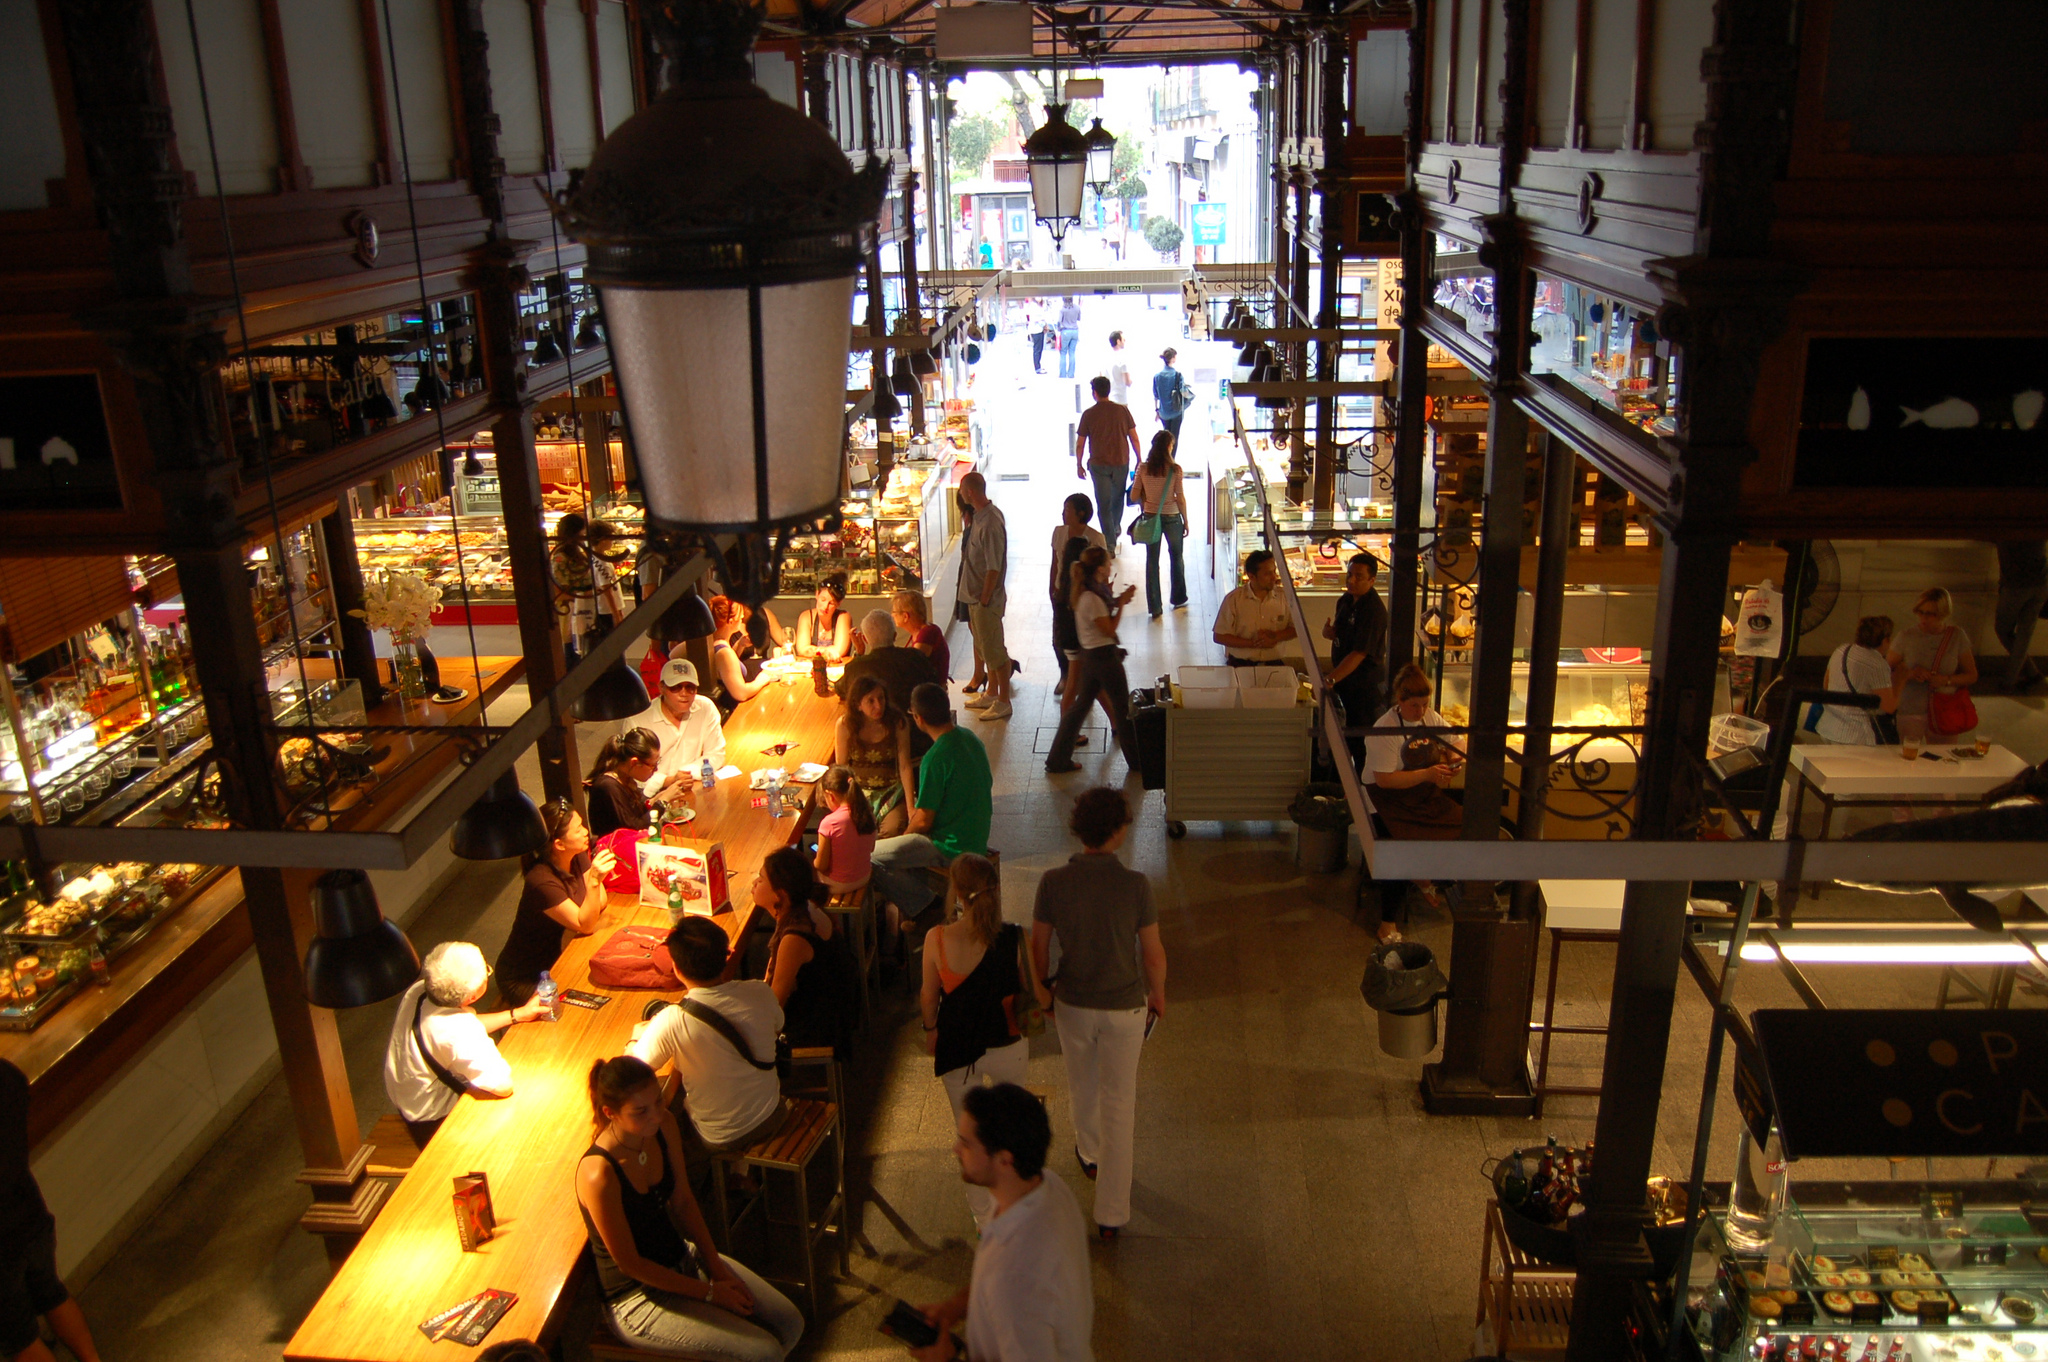 mercado-san-miguel-flickr